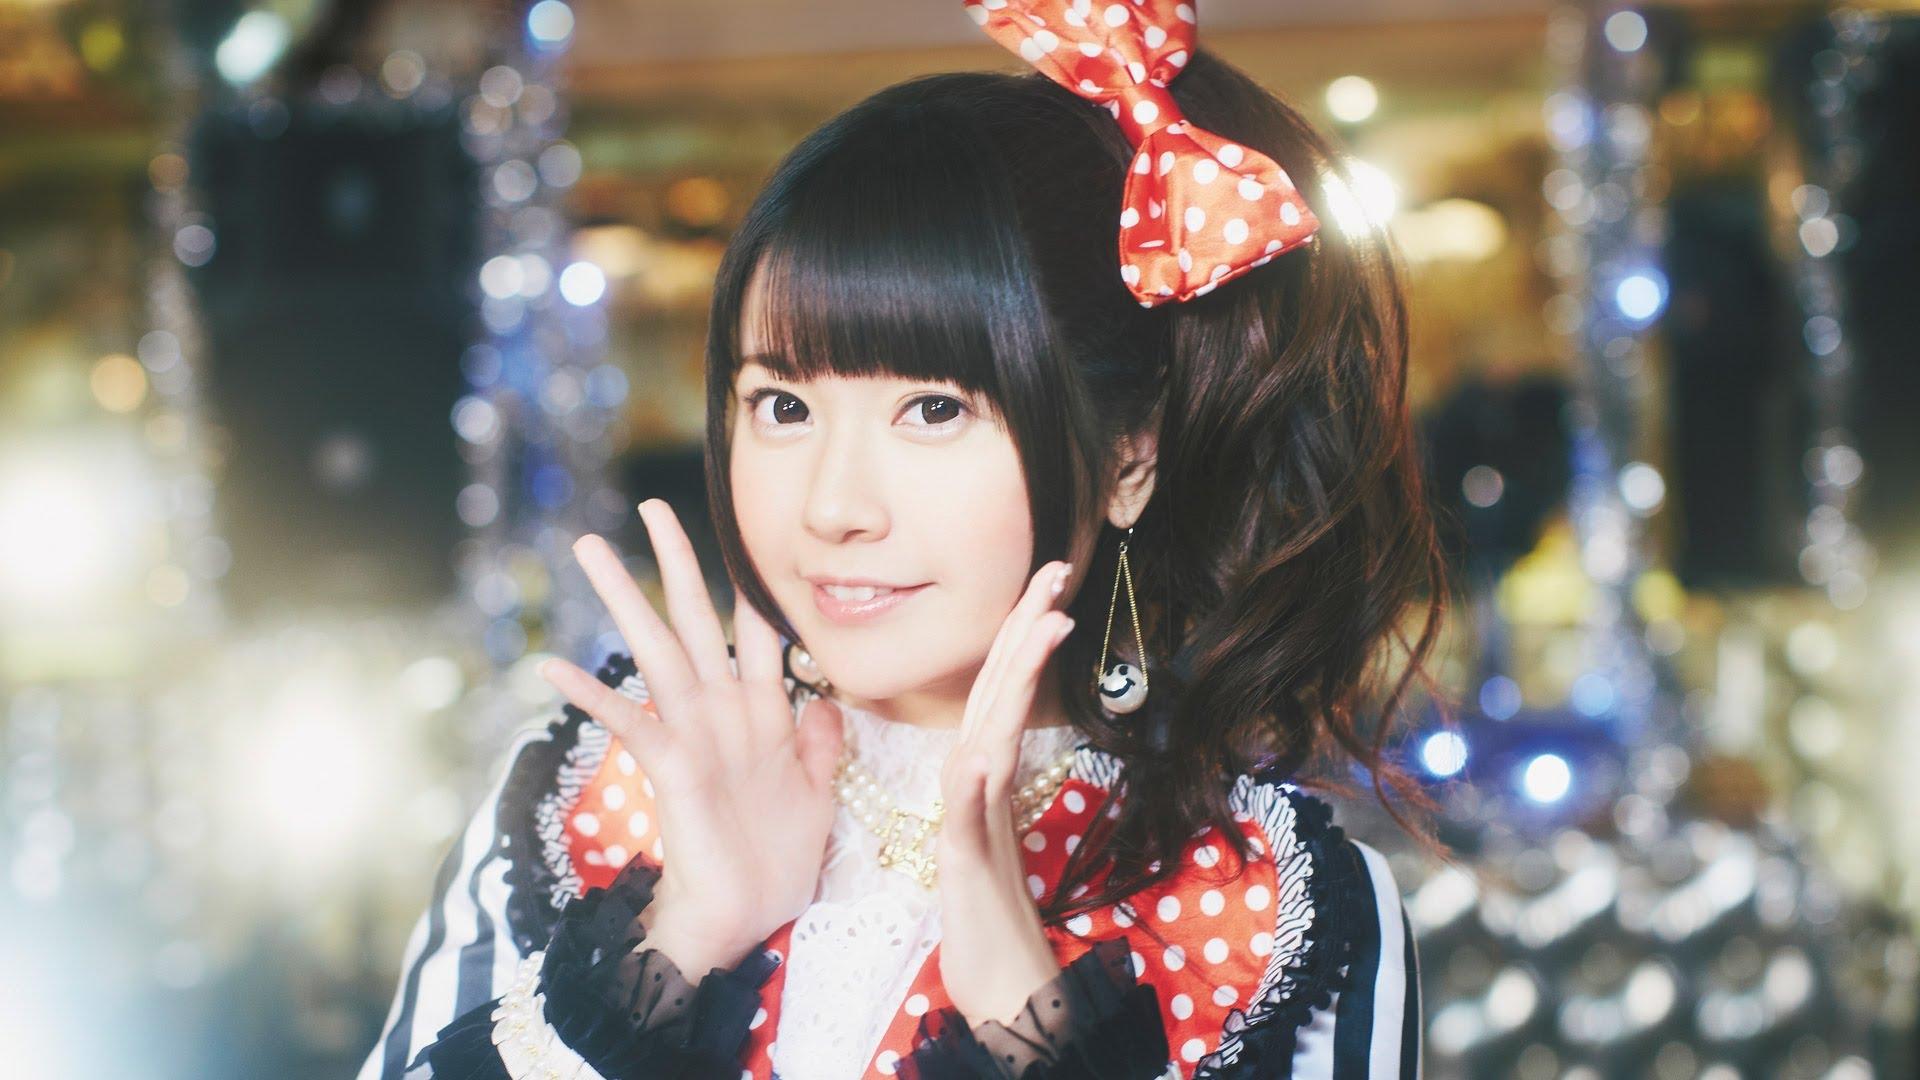 大人気声優「竹達彩奈」さんのプロフィールや音楽活動をチェックしてみた!